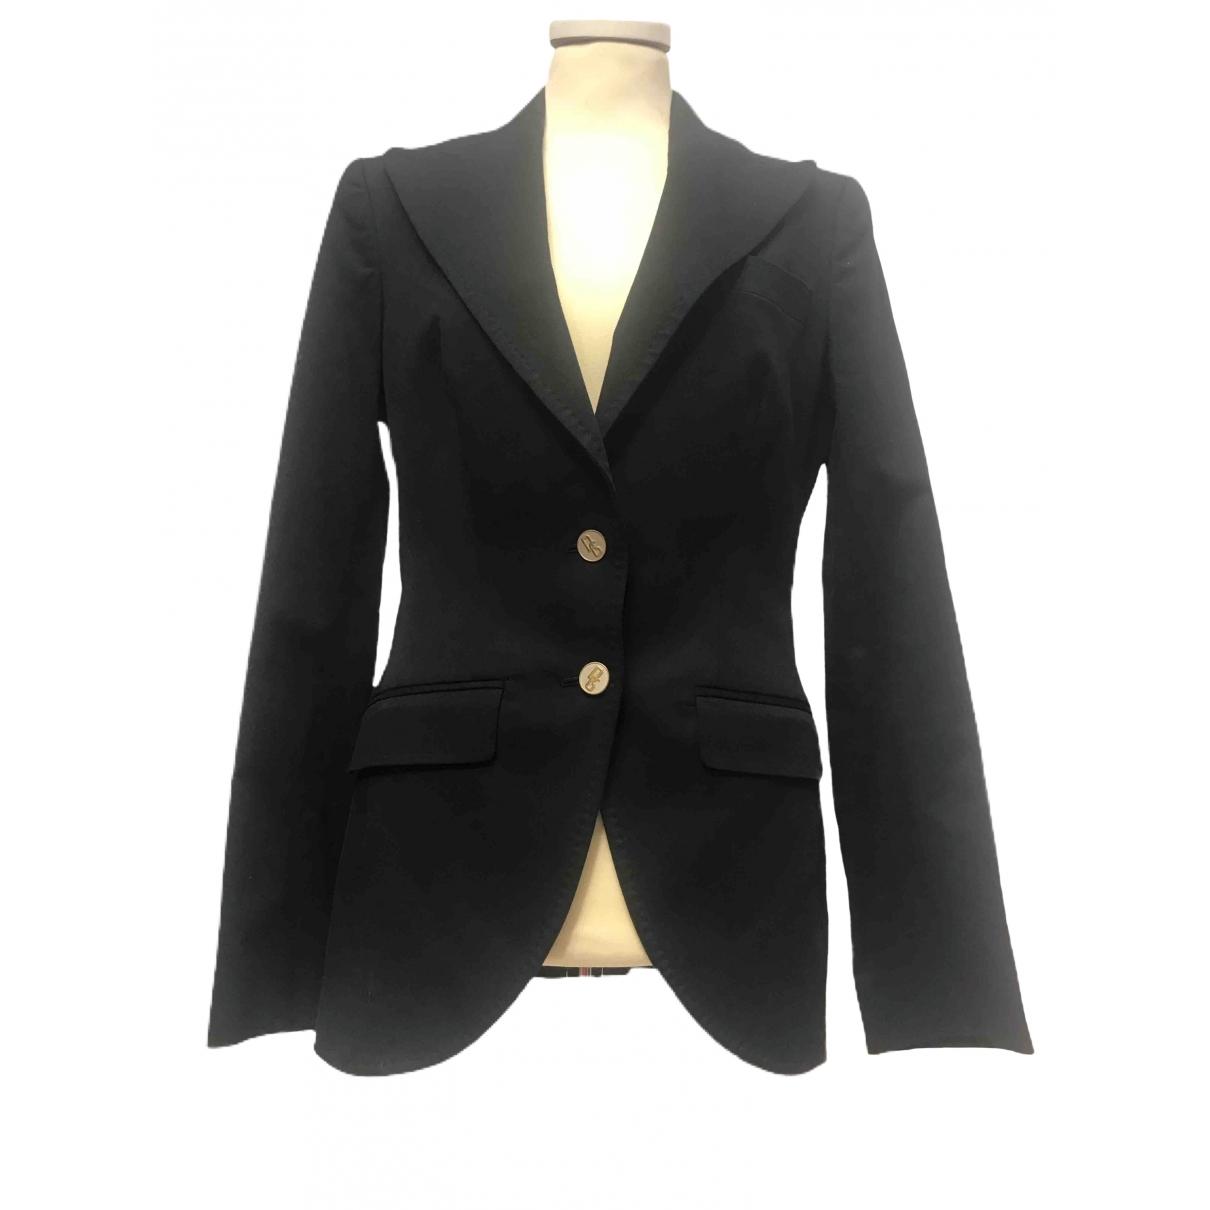 Dolce & Gabbana \N Black Wool jacket for Women 40 IT